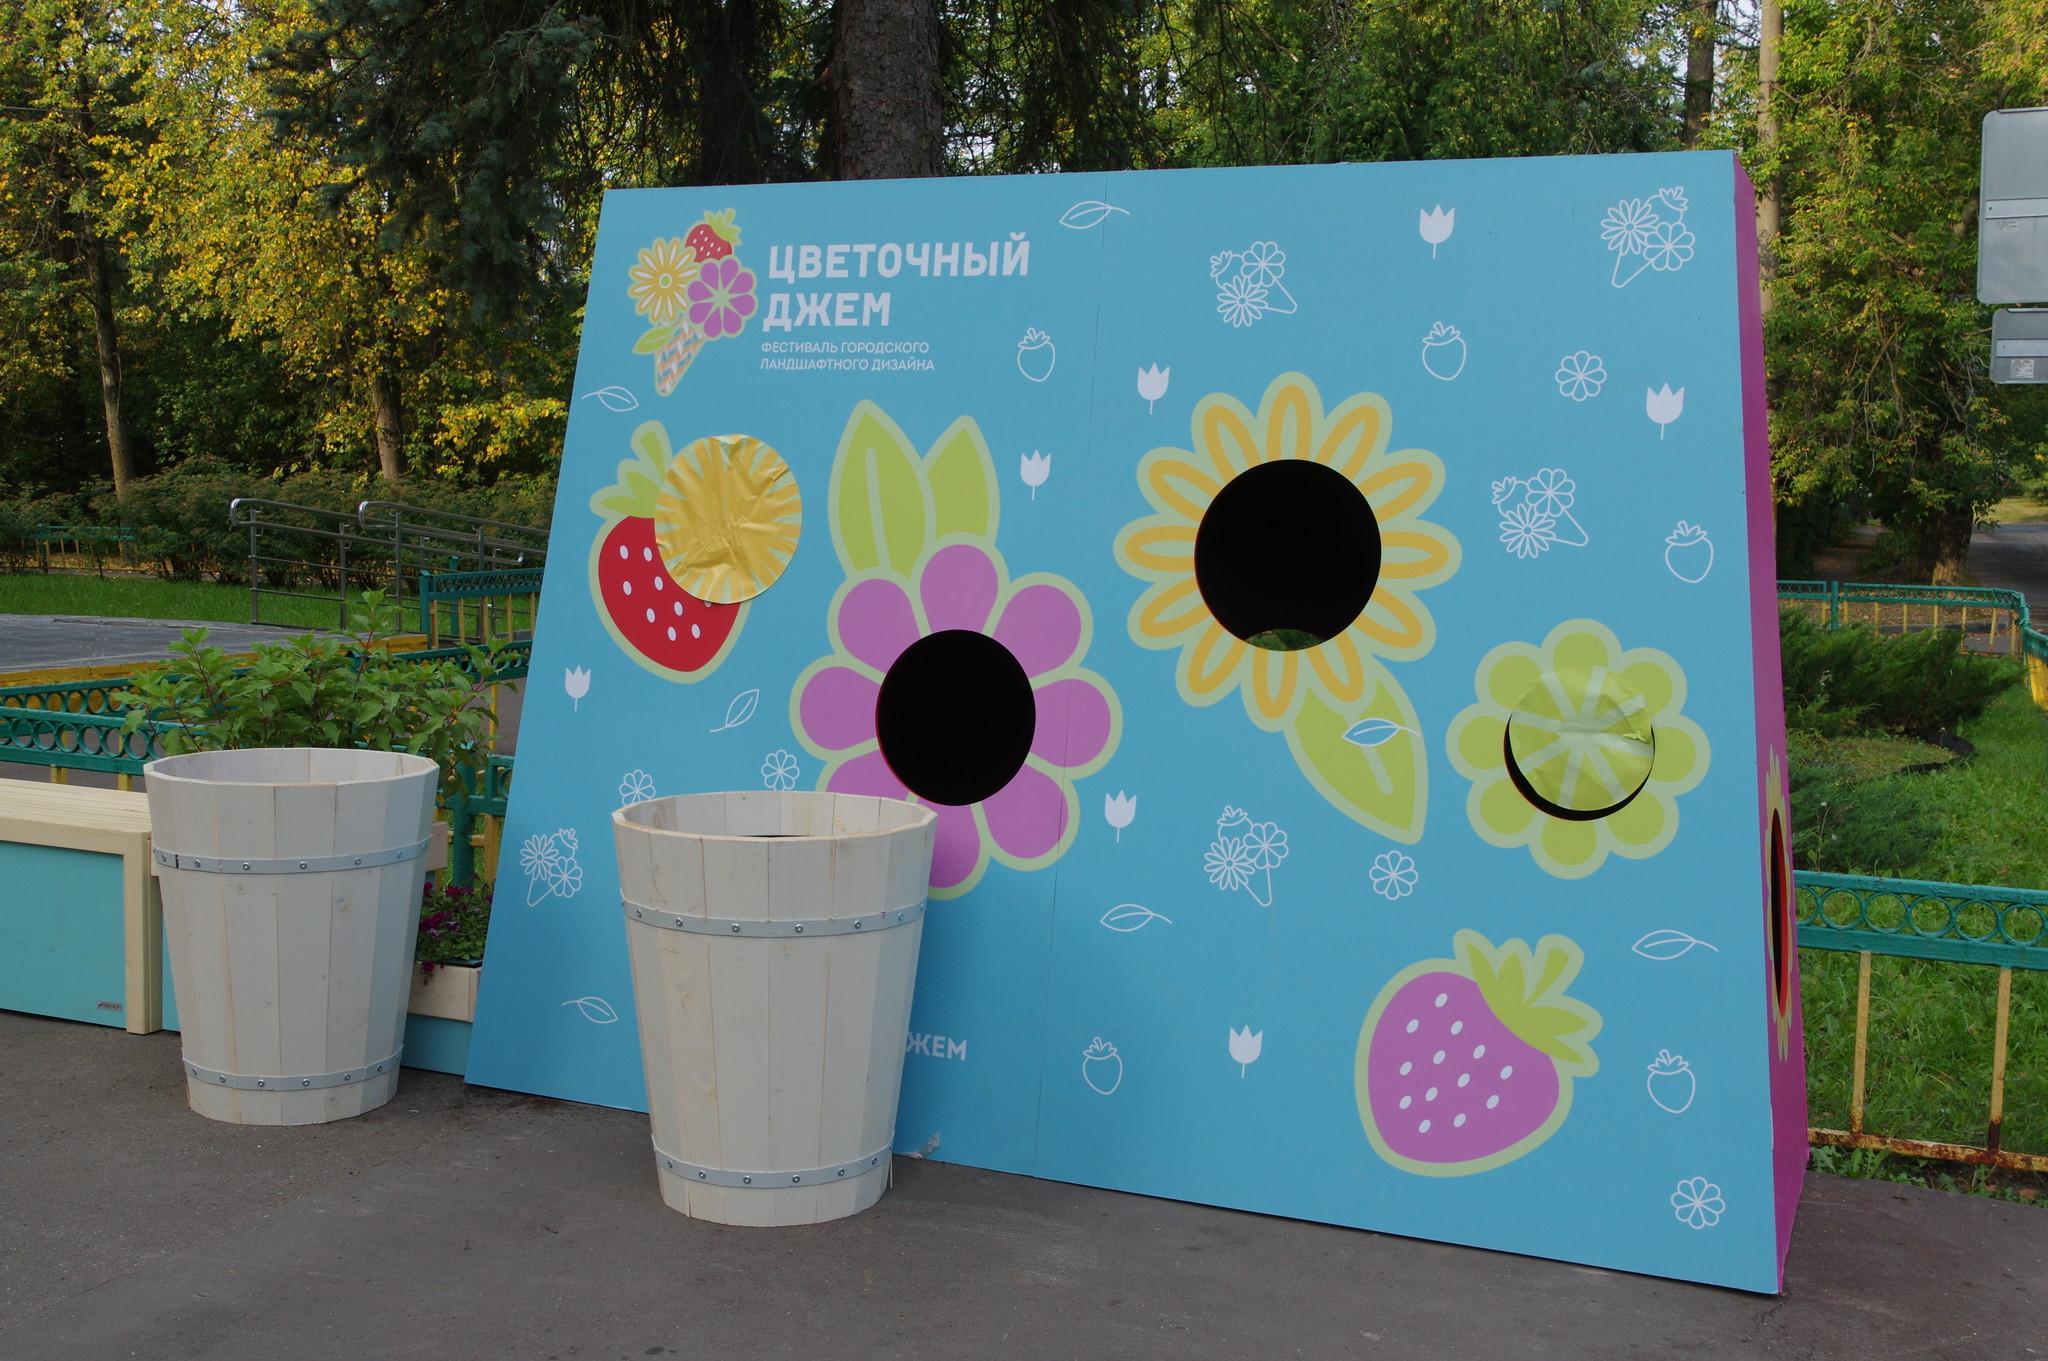 Фестиваль городского ландшафтного дизайна «Цветочный джем»